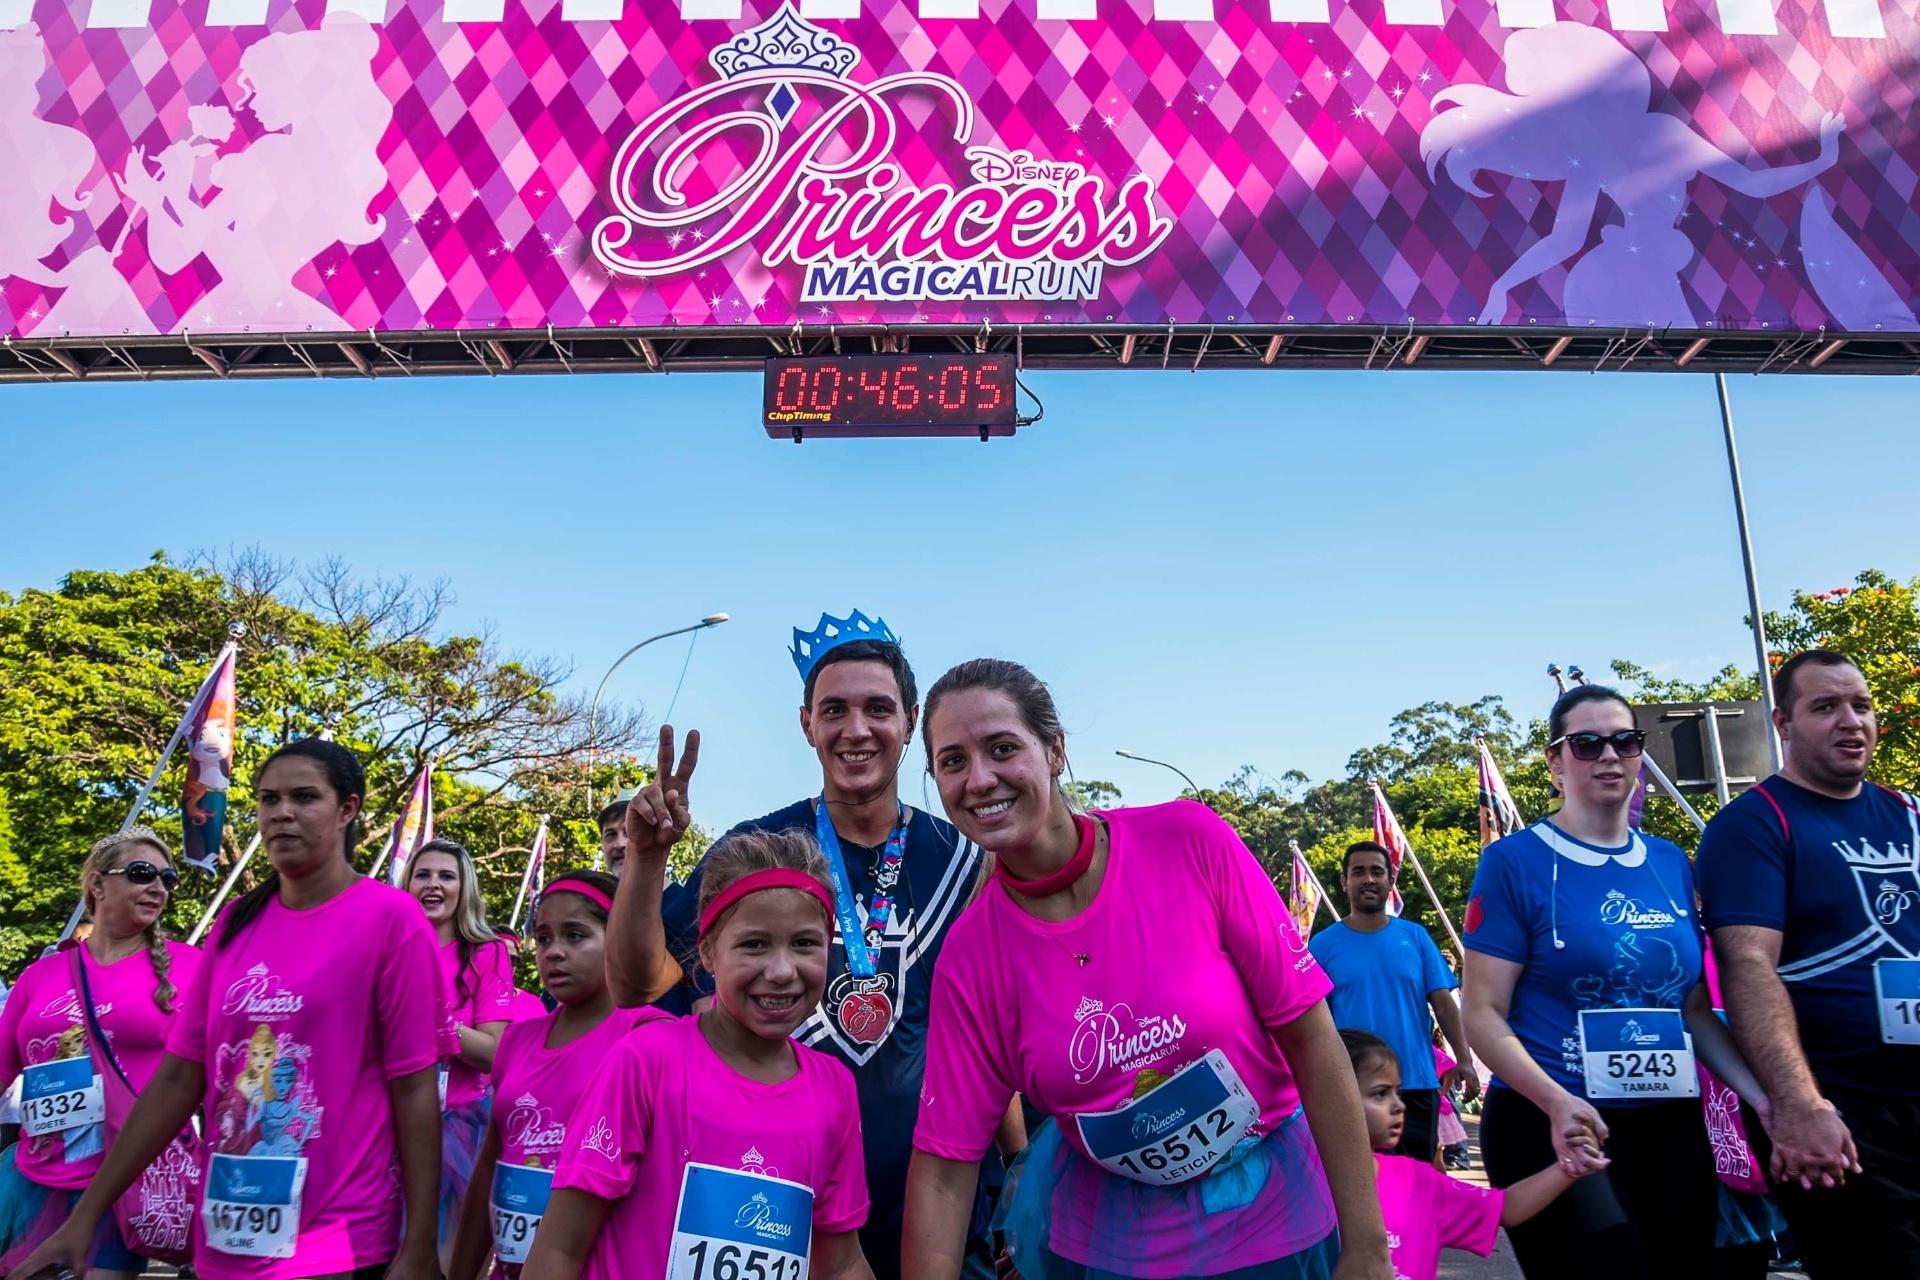 6.mar.2016 - O evento Princess Magical Run reúne adultos e crianças em frente ao parque Ibirapuera, na zona sul da cidade de São Paulo, na manhã deste domingo. O evento conta com caminhada de 3 km e corrida de 7 km para maiores de 16 anos